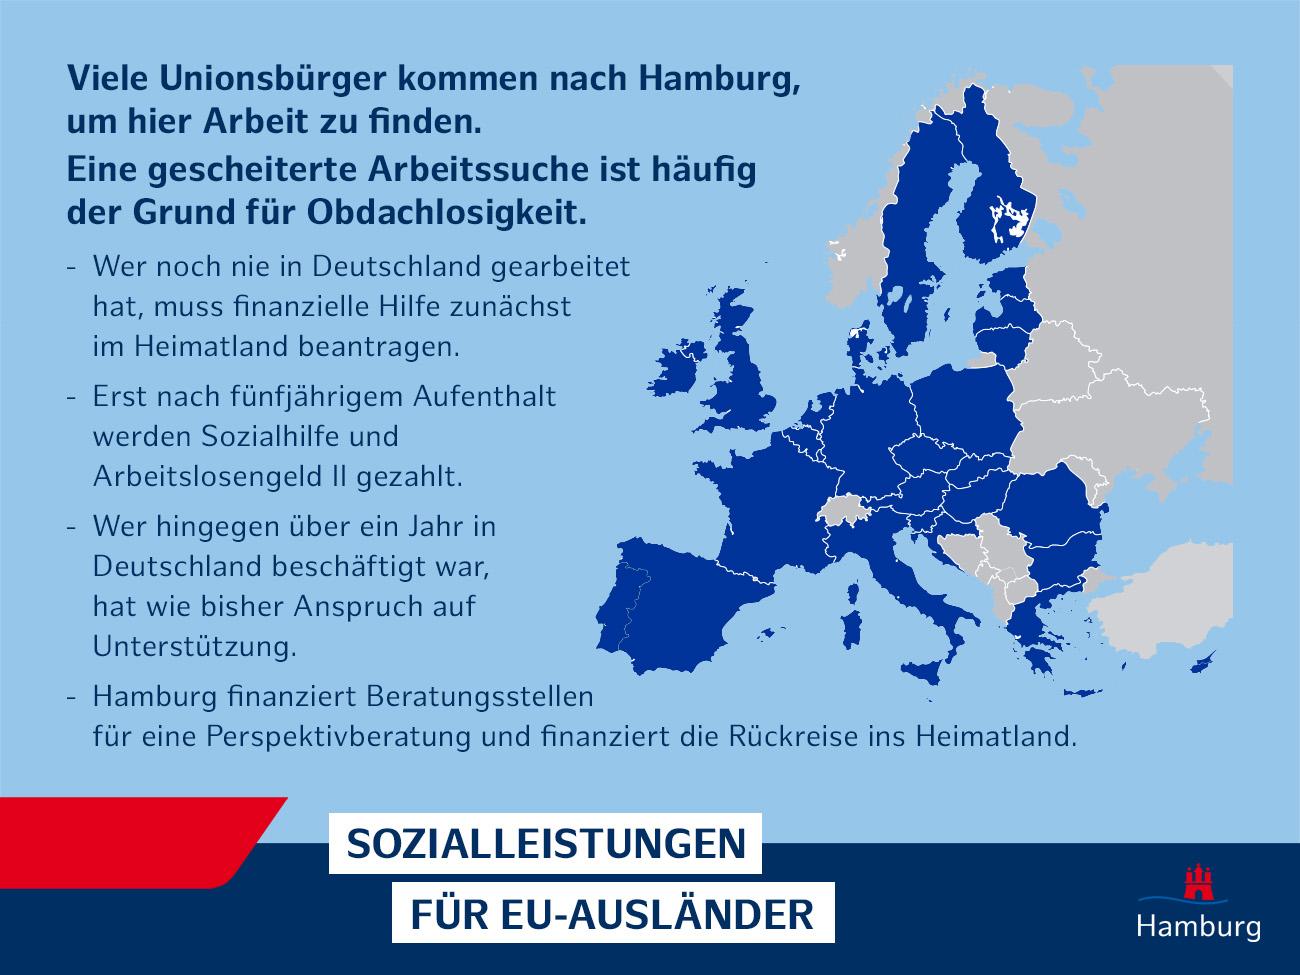 Warum Ist Das Winternotprogramm Tagsuber Nicht Geoffnet Hamburg De